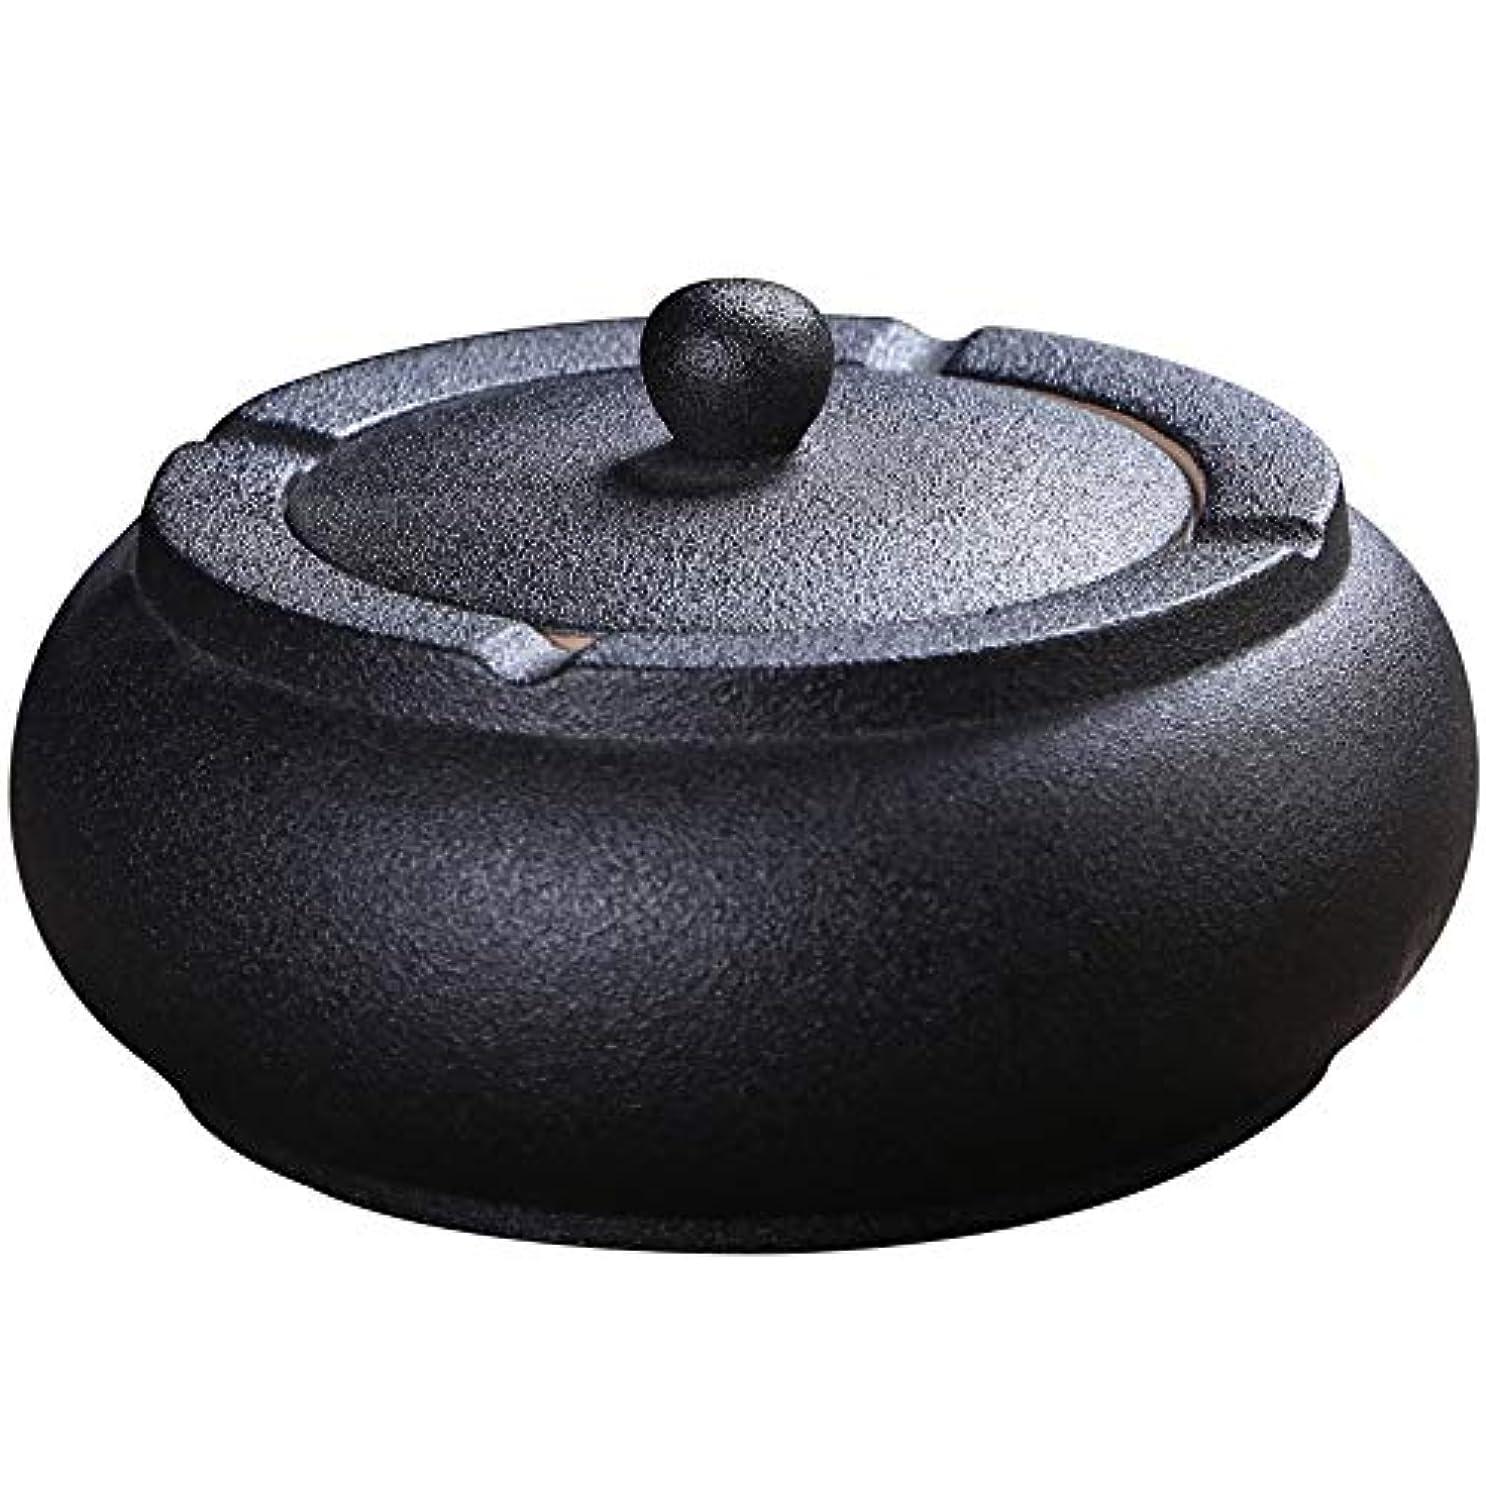 食堂邪悪な倫理的ふたが付いている陶磁器の灰皿、防風、喫煙者のための灰のホールダー、ホームオフィスの装飾の黒のためのデスクトップの喫煙灰皿